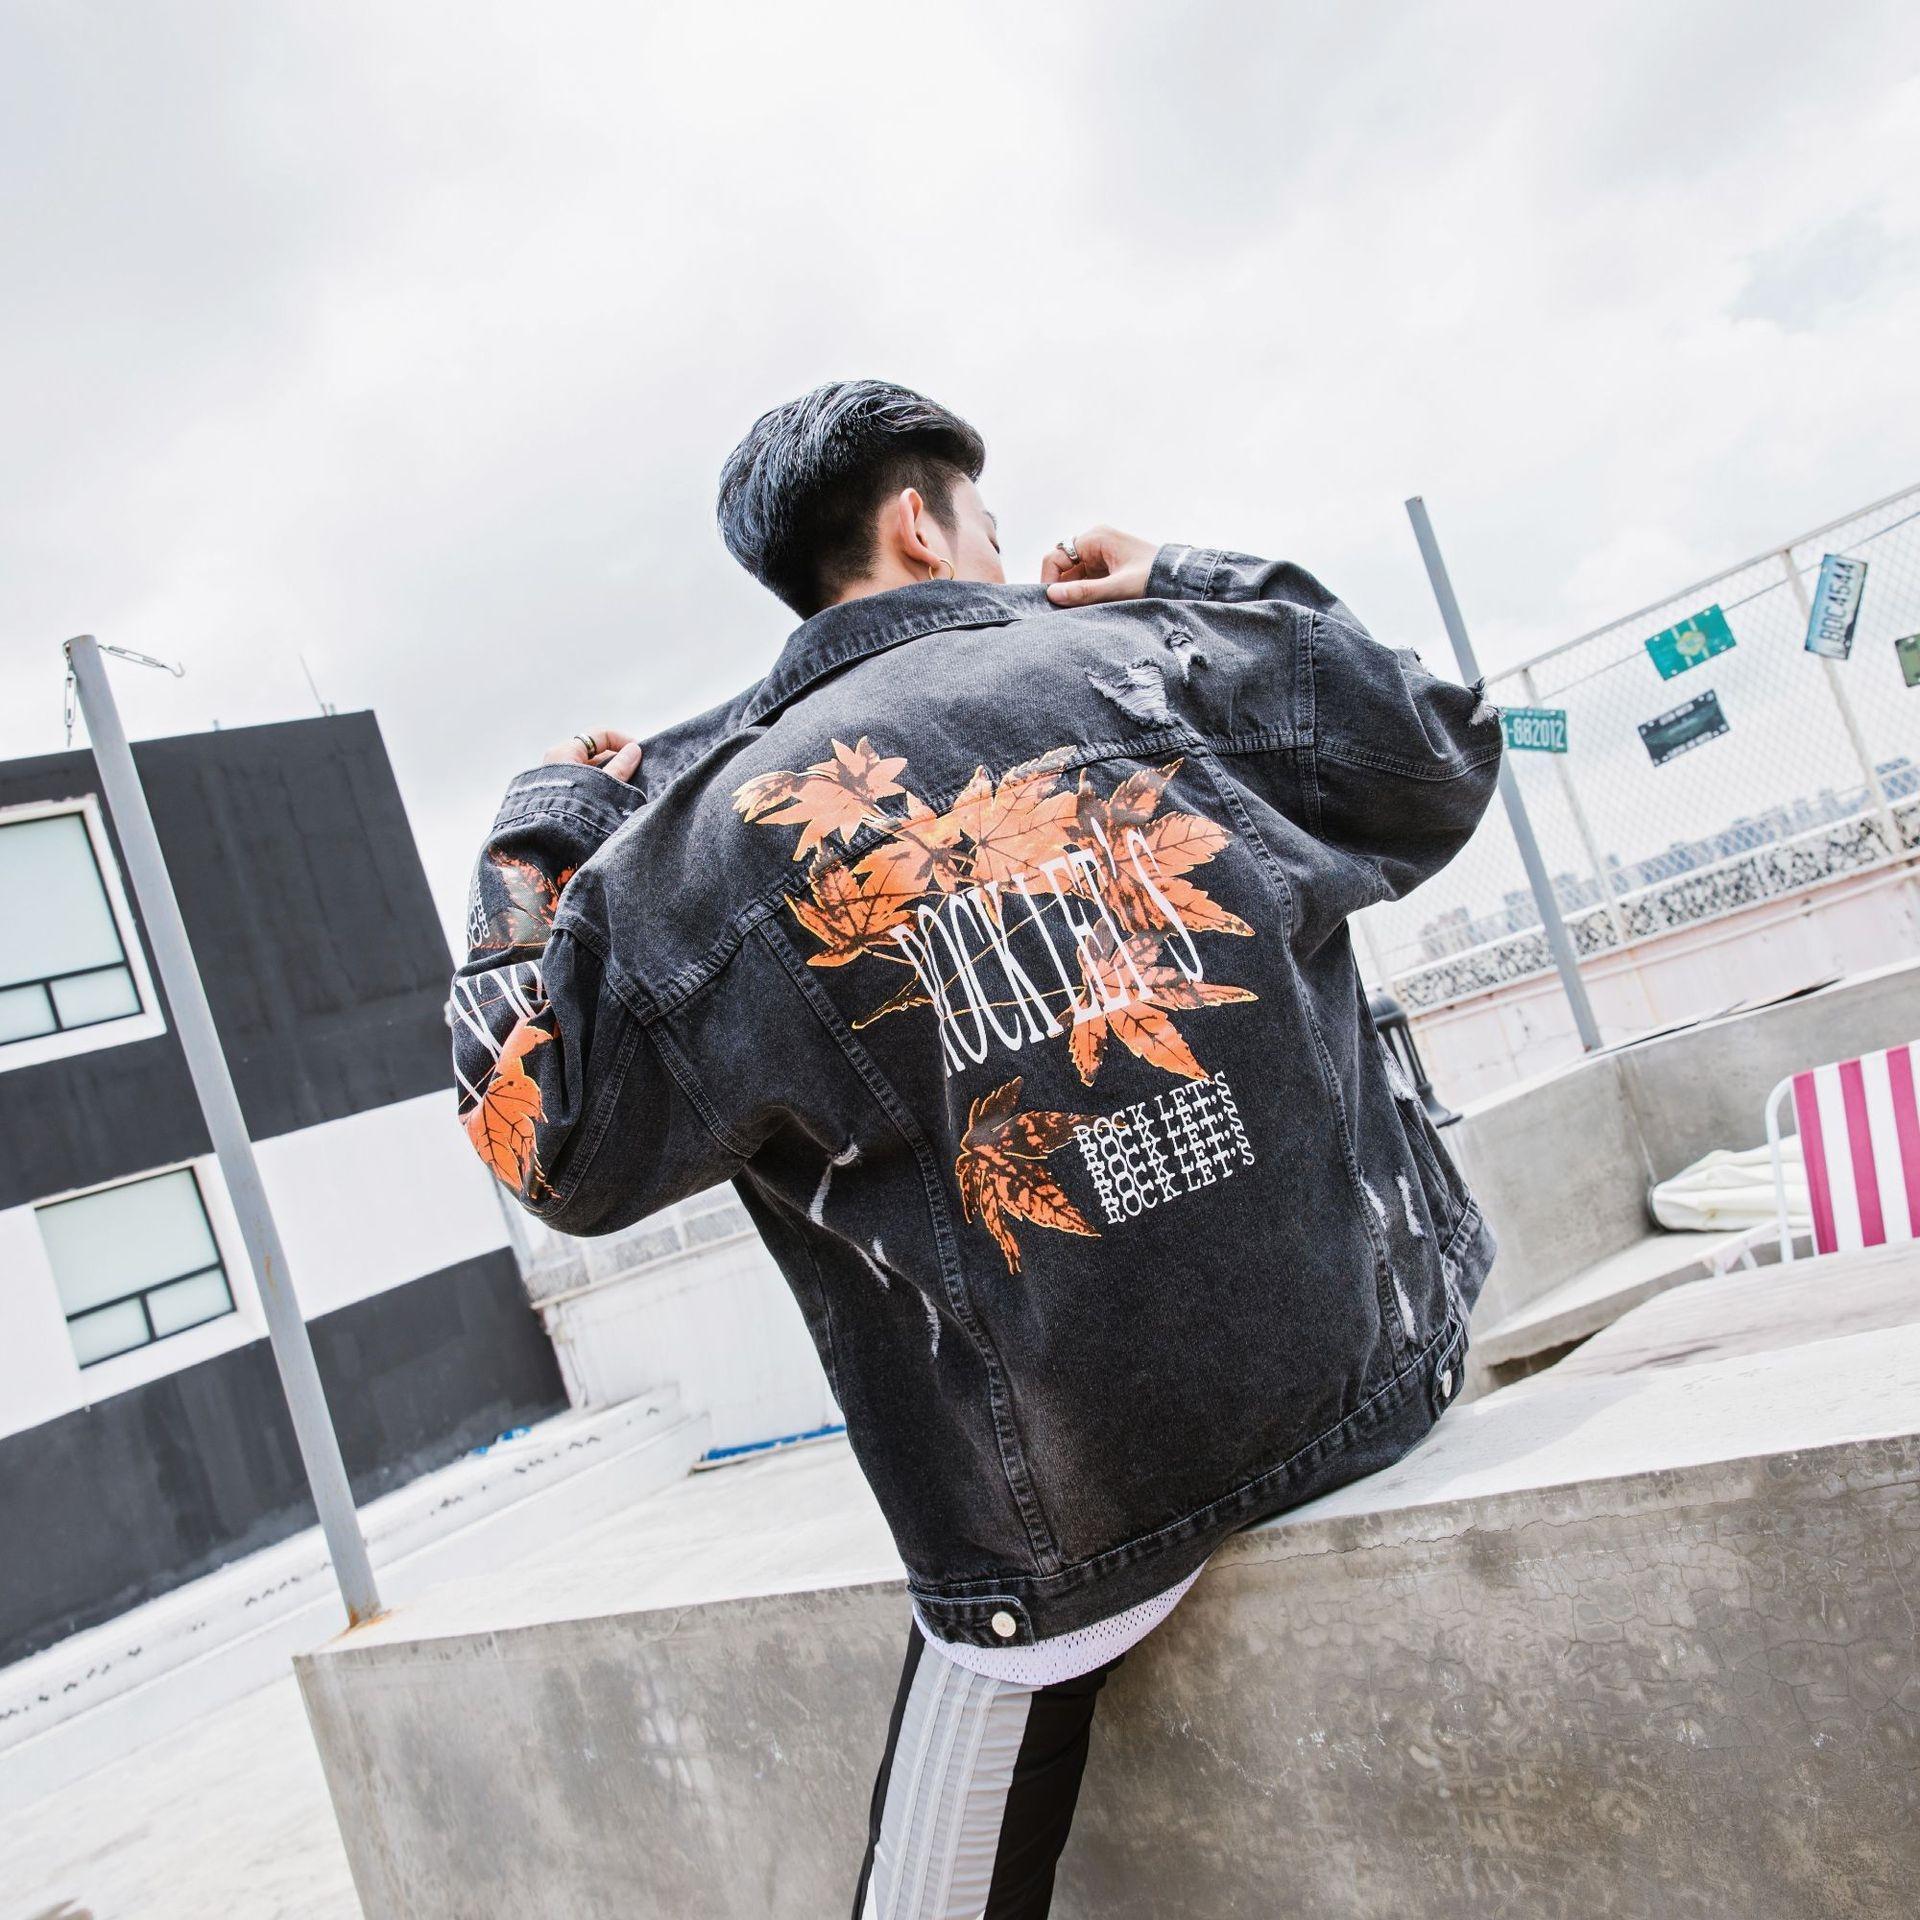 oTFsk осенью новый мужской хмель высокого пальто хип модный кленовый лист напечатанный куртка джинсовая куртка улица